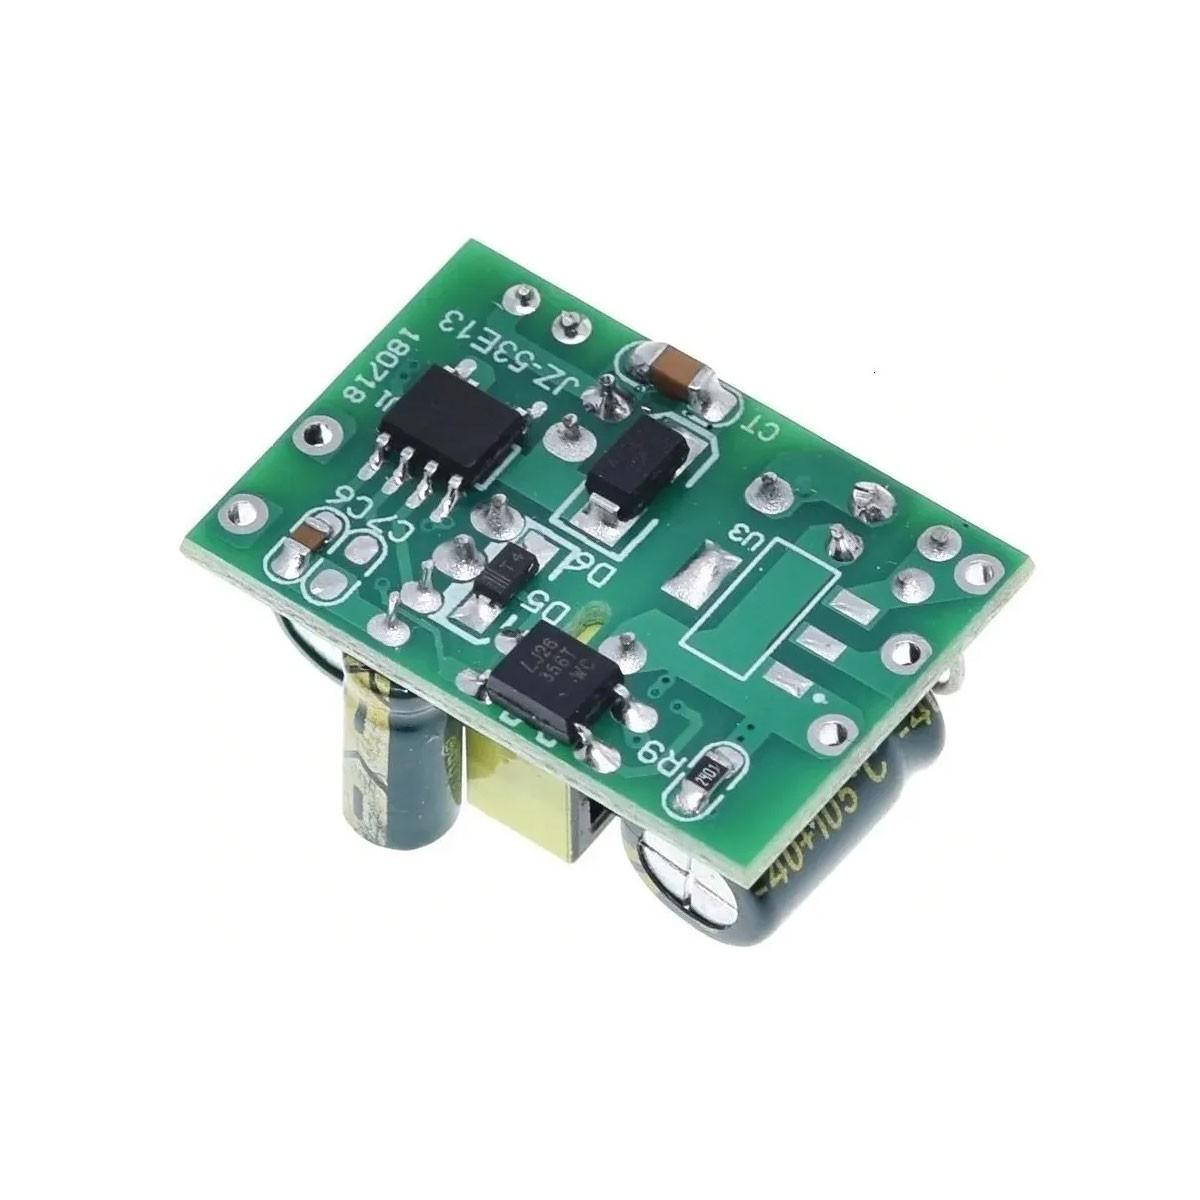 Mini Fonte Conversor AC / DC 110/220VAC para 5,0v DC 700mA 3,5W